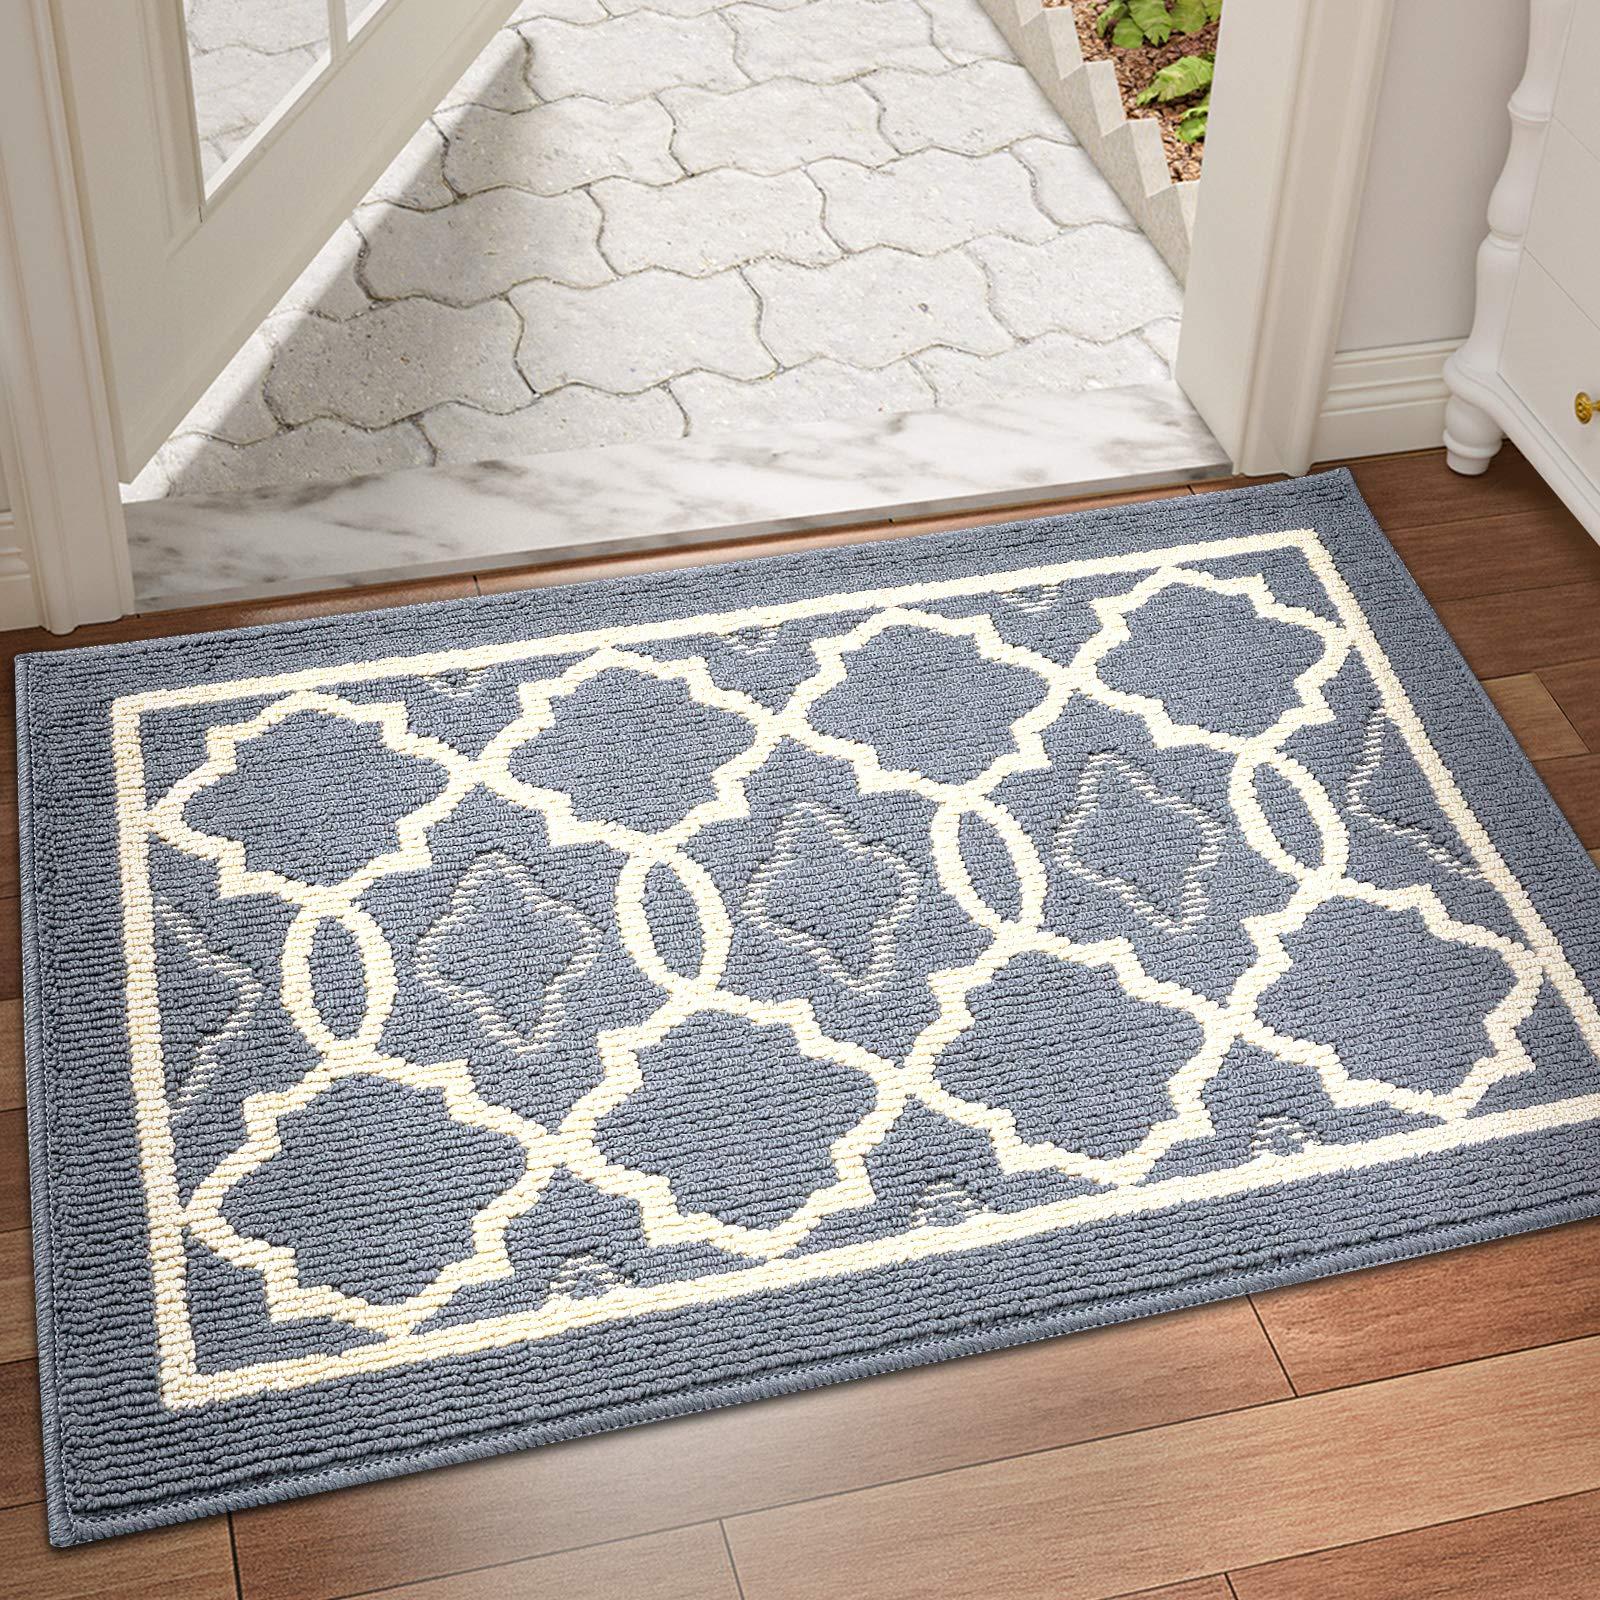 """DEXI Indoor Door Mat Large, 59""""x36"""" Non-Slip Low-Profile Entrance Rug, Absorbent Machine Washable Front Doormats for Back Door, High Traffic Areas, Grey"""